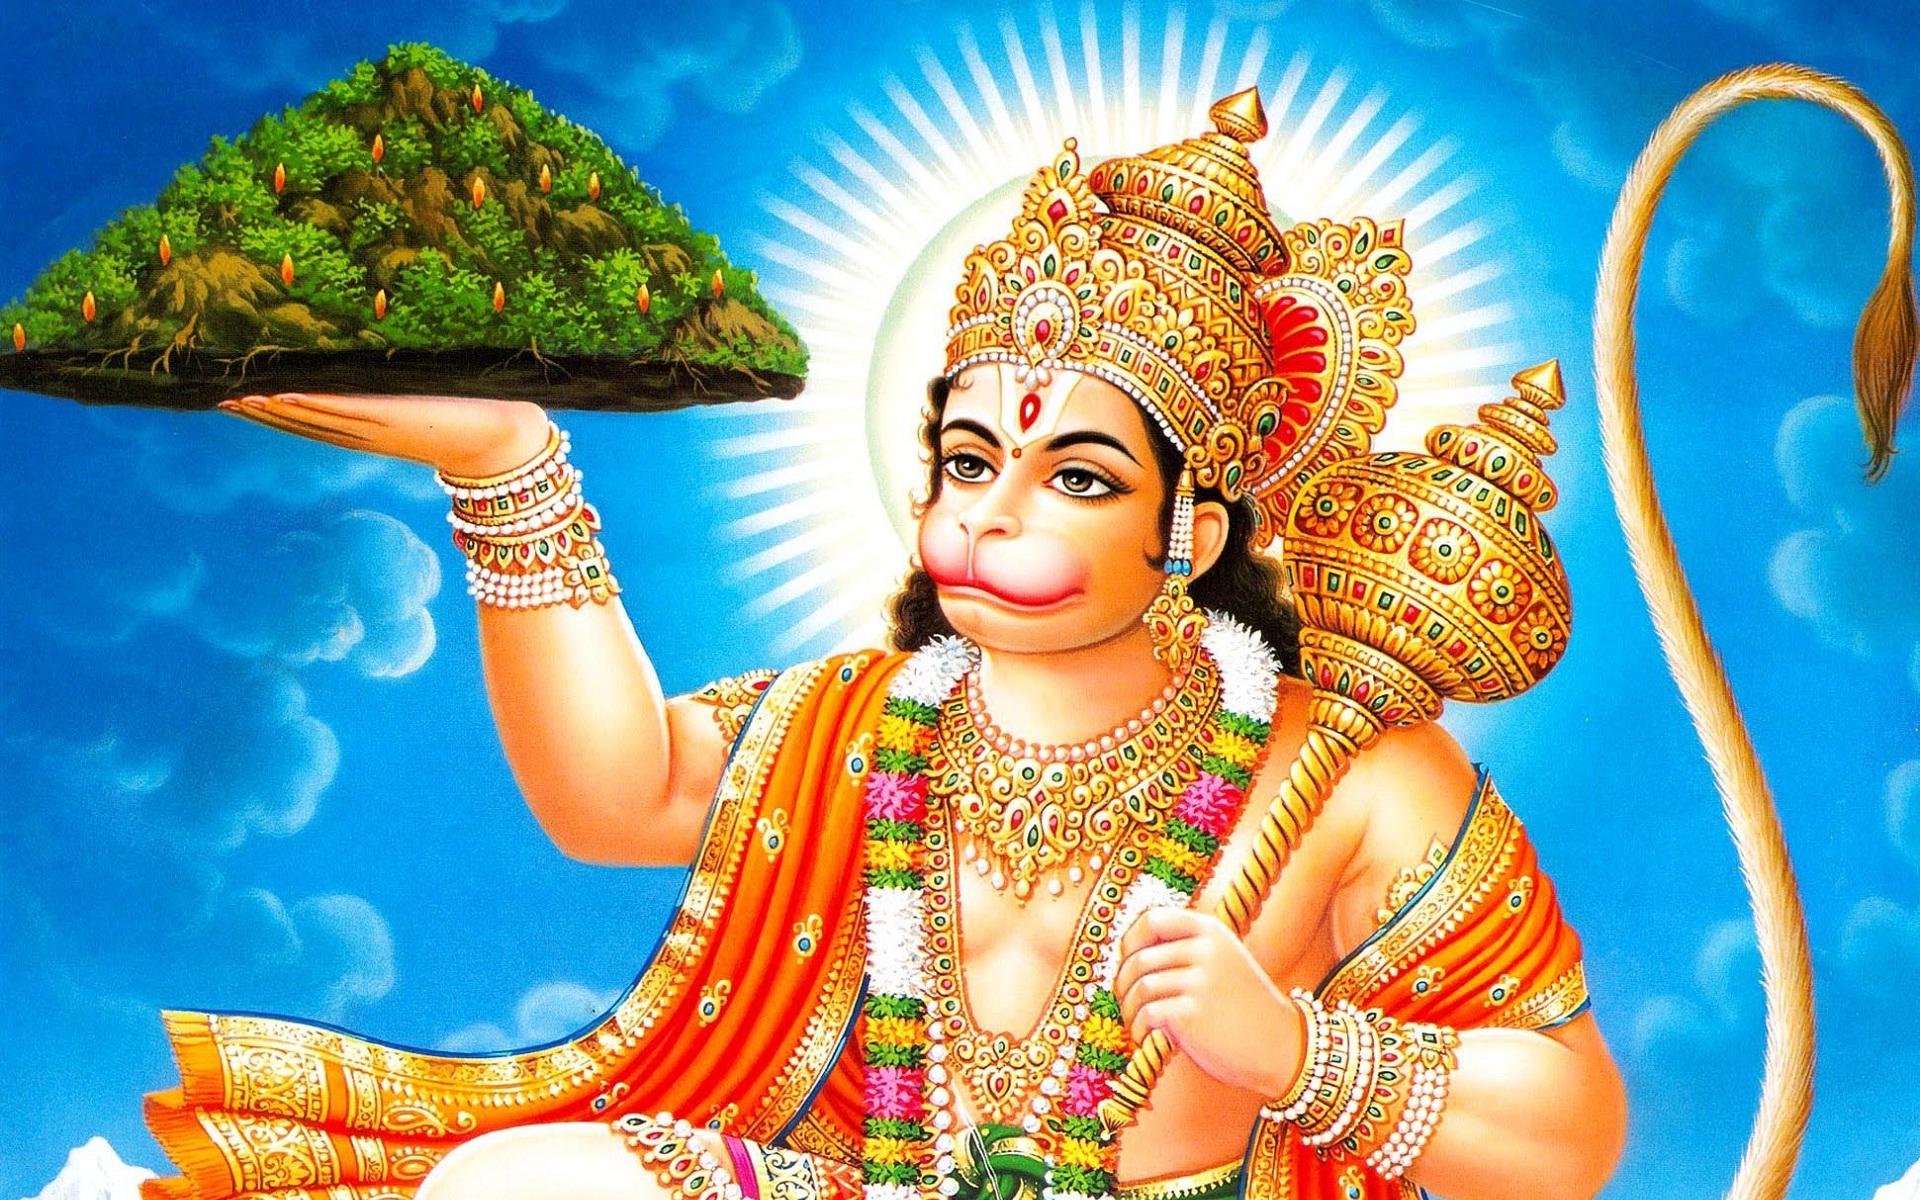 Baby Hanuman Wallpapers - WallpaperSafari